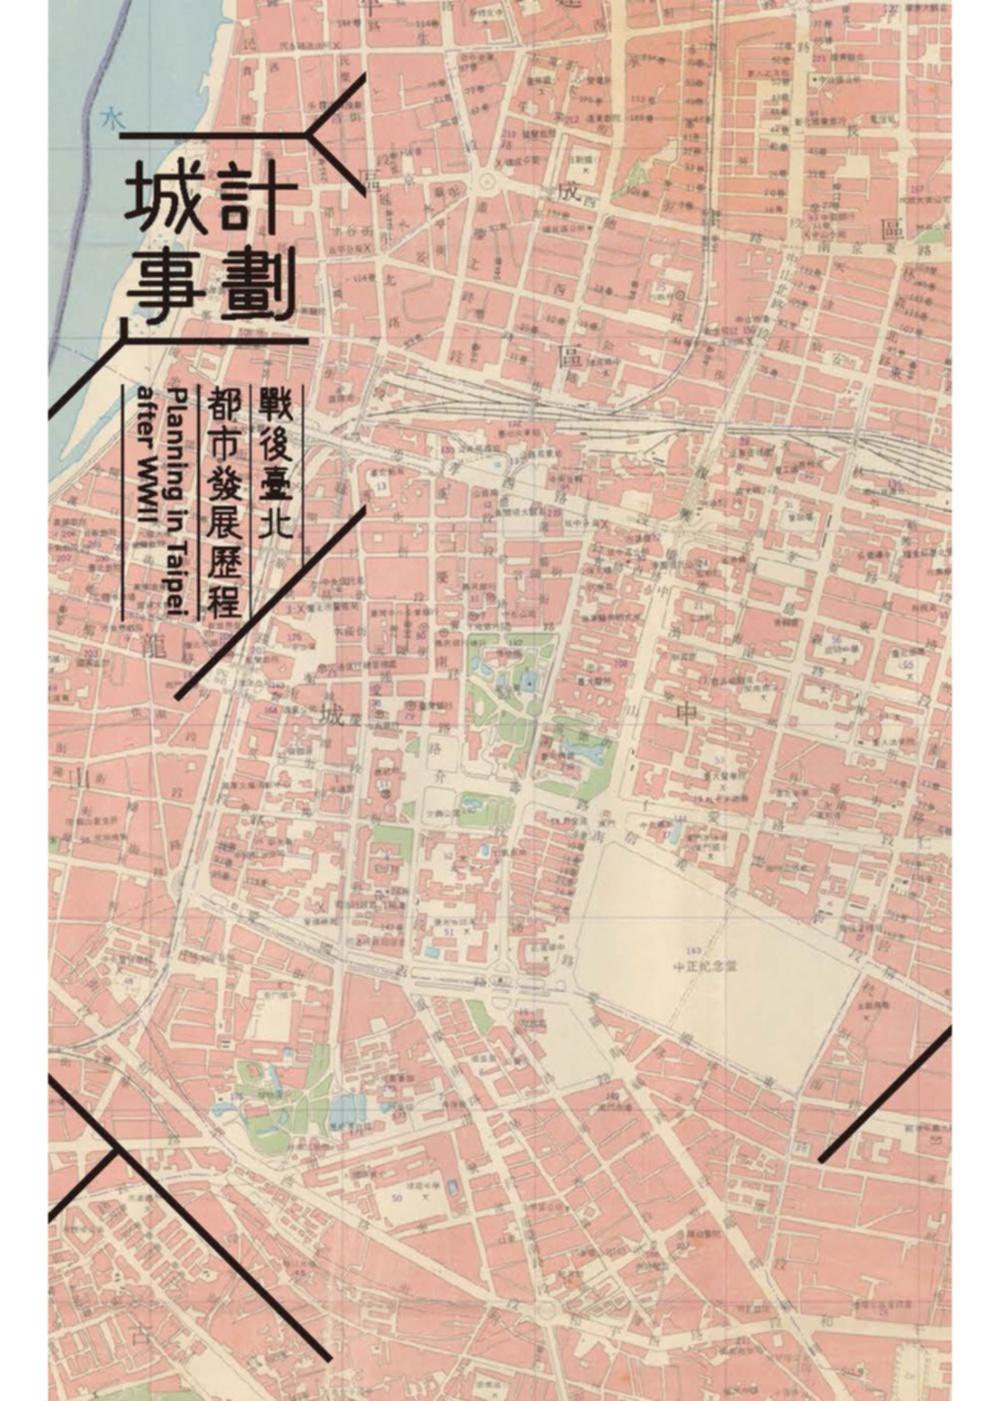 計劃城事:戰後臺北都市發展歷程